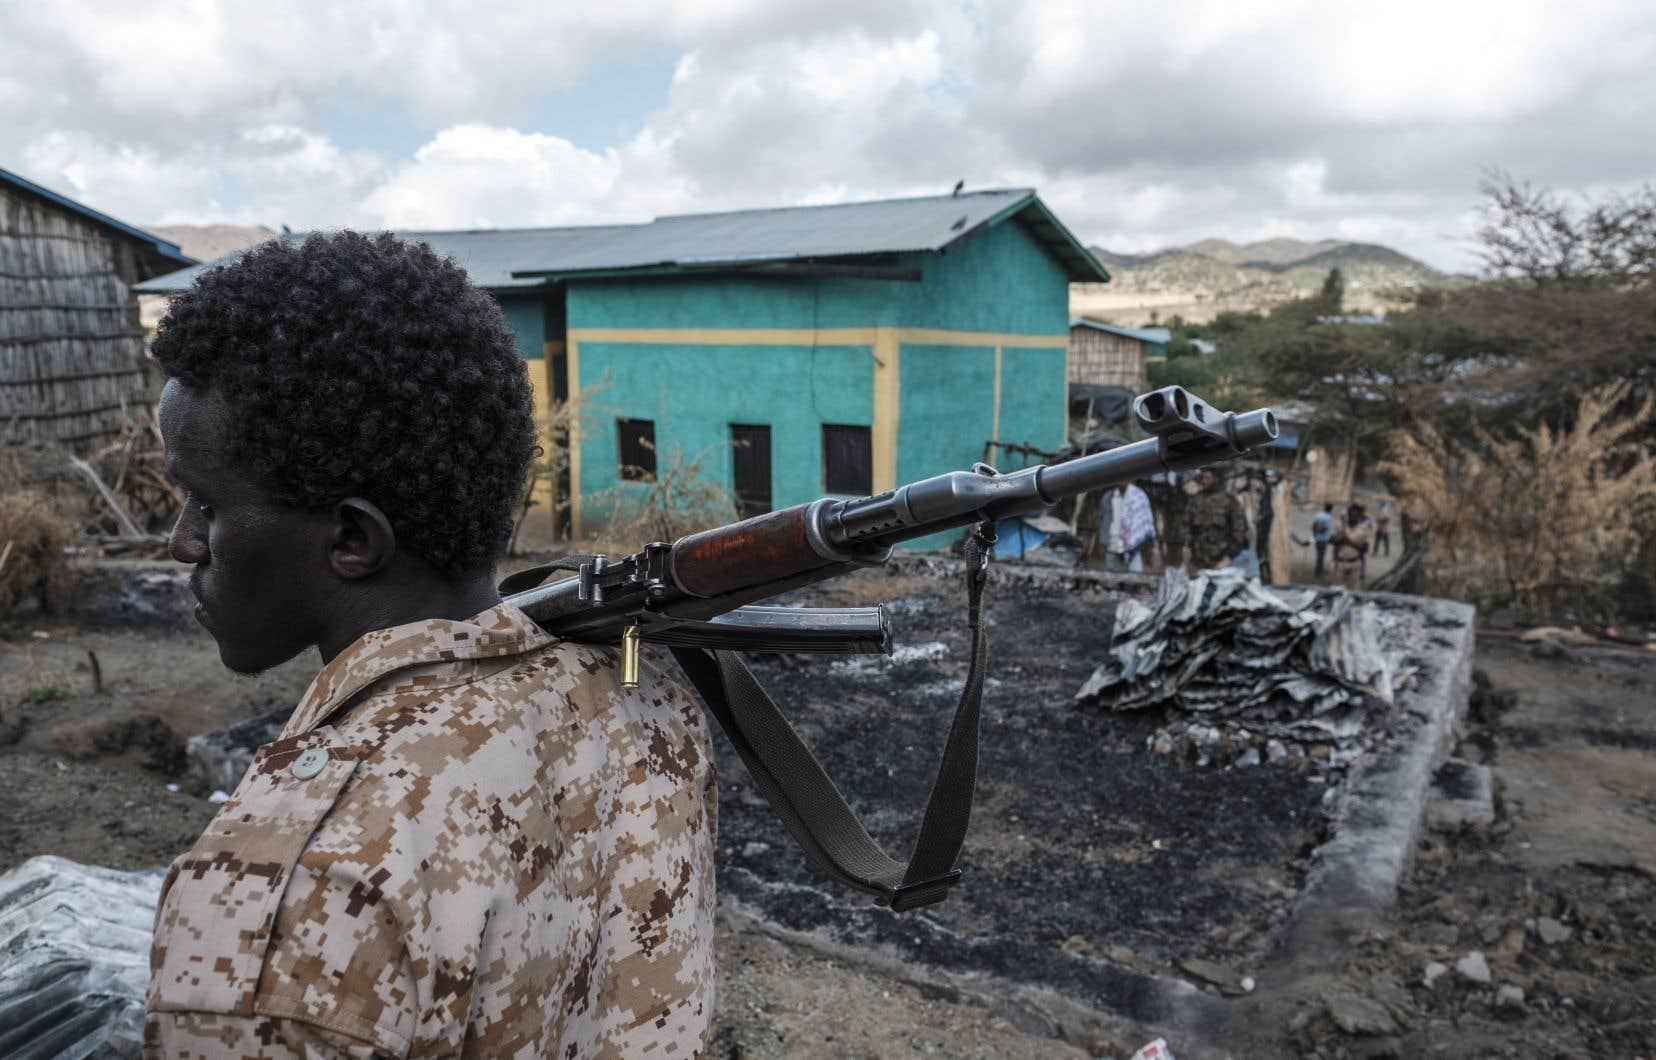 Le premier ministre éthiopien a proclamé la victoire fin novembre après la prise de la capitale régionale Mekele. Mais les combats ont continué, et récemment tourné en défaveur d'Addis Abeba.